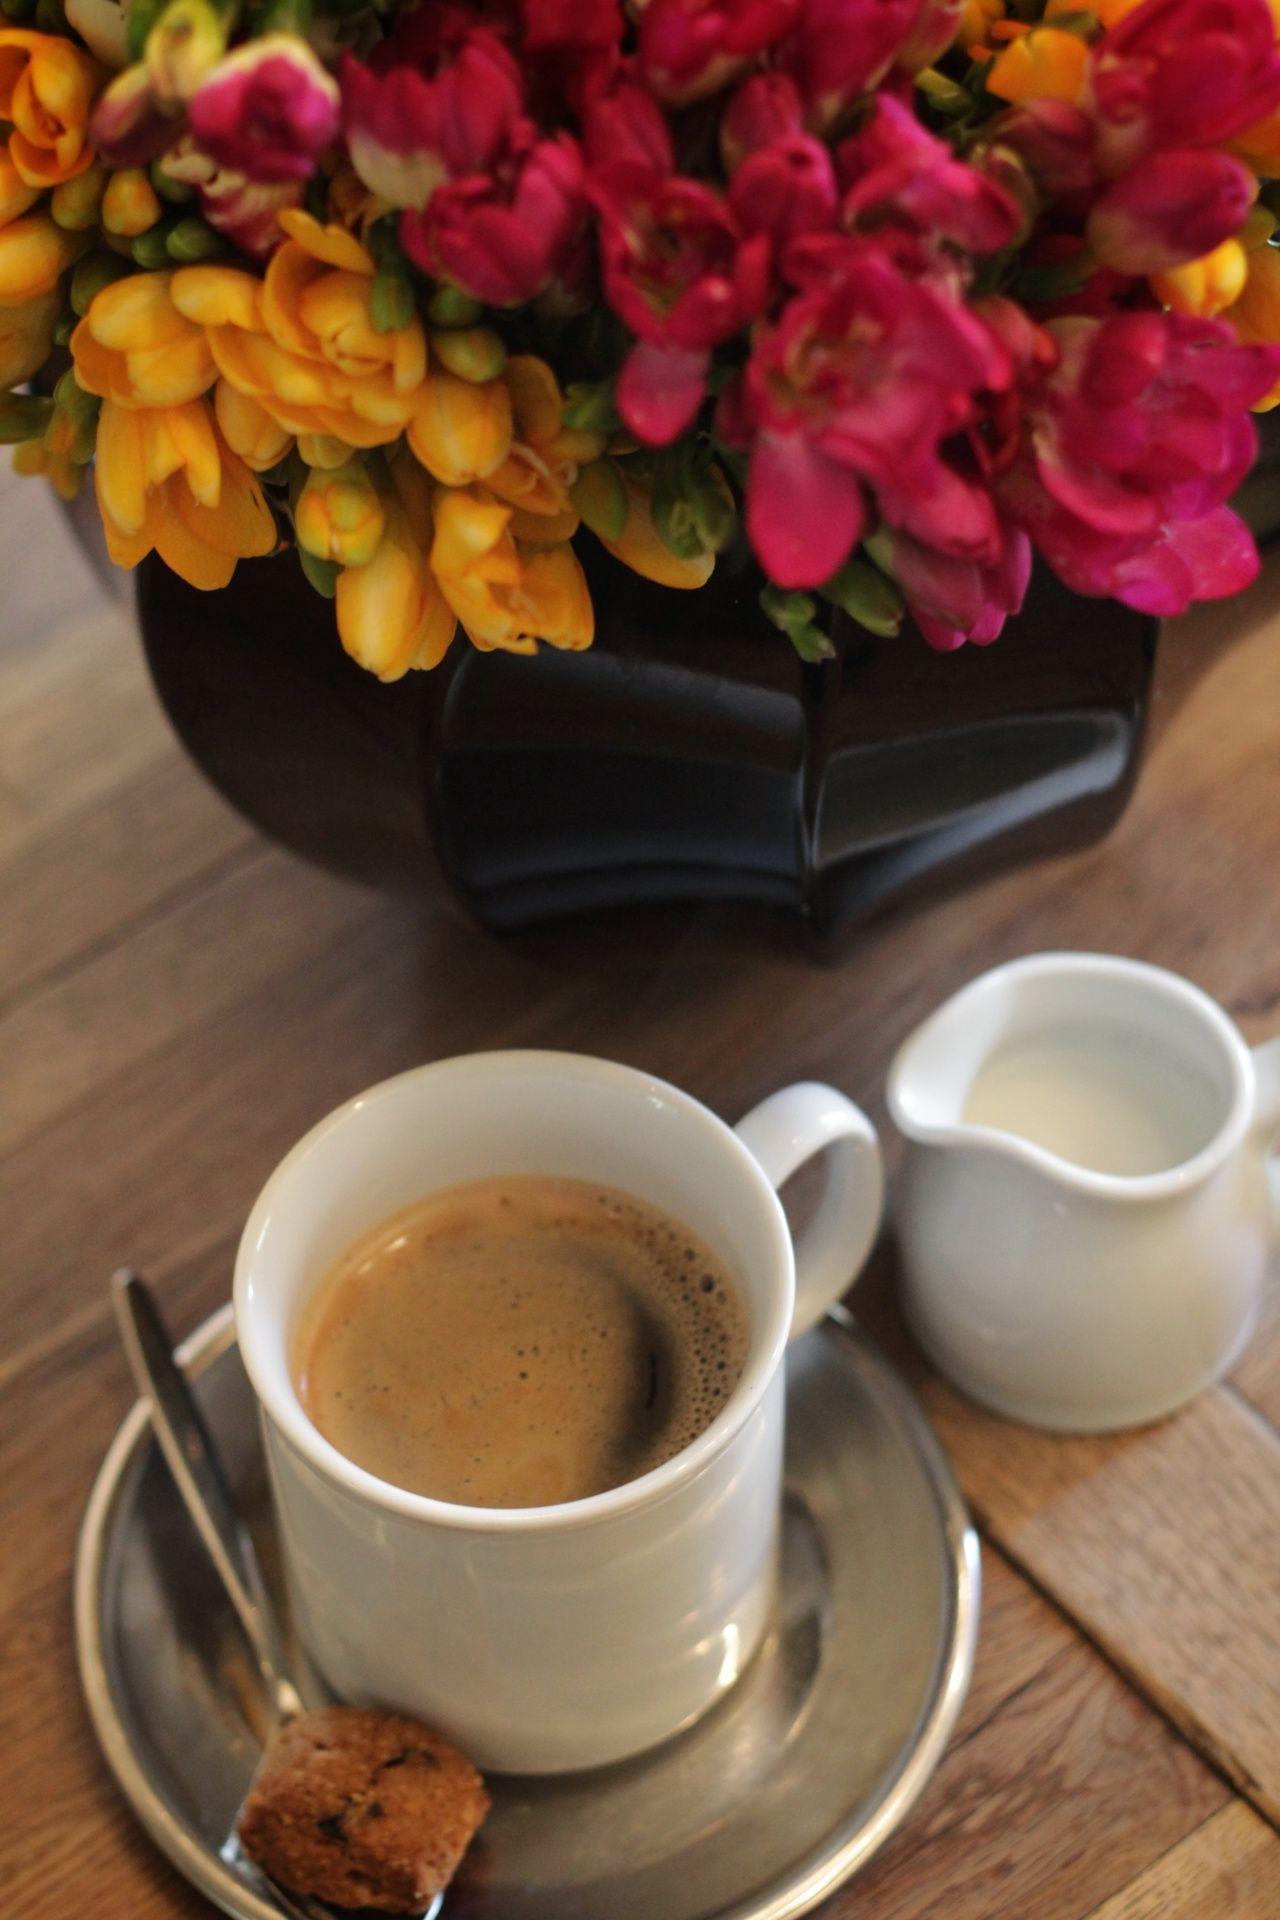 земель утренний кофе красивые фото один наиболее популярных